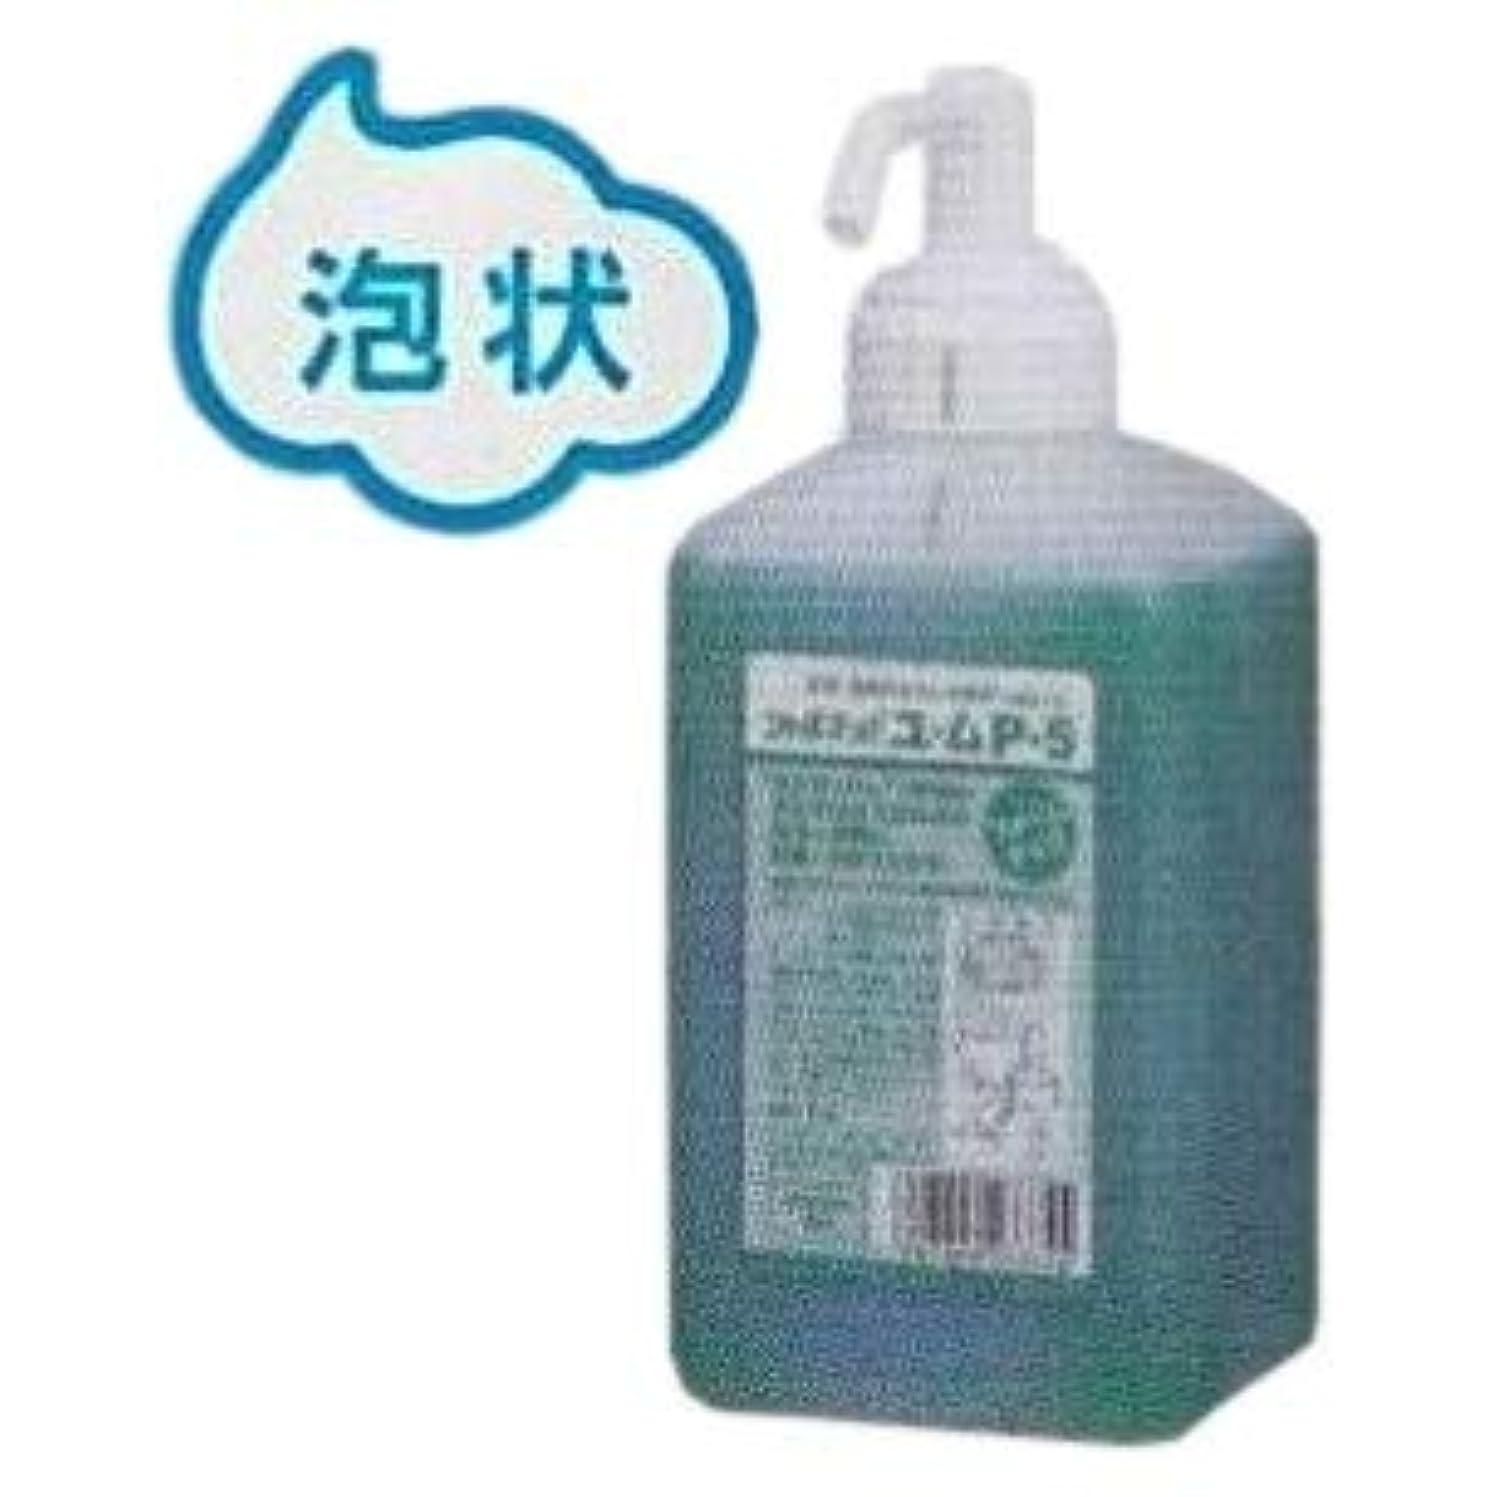 対角線インストールメカニックサラヤ シャボネット ユ?ムP-5 1kg泡ポンプ付 無香料 サラヤ商品コード:23335